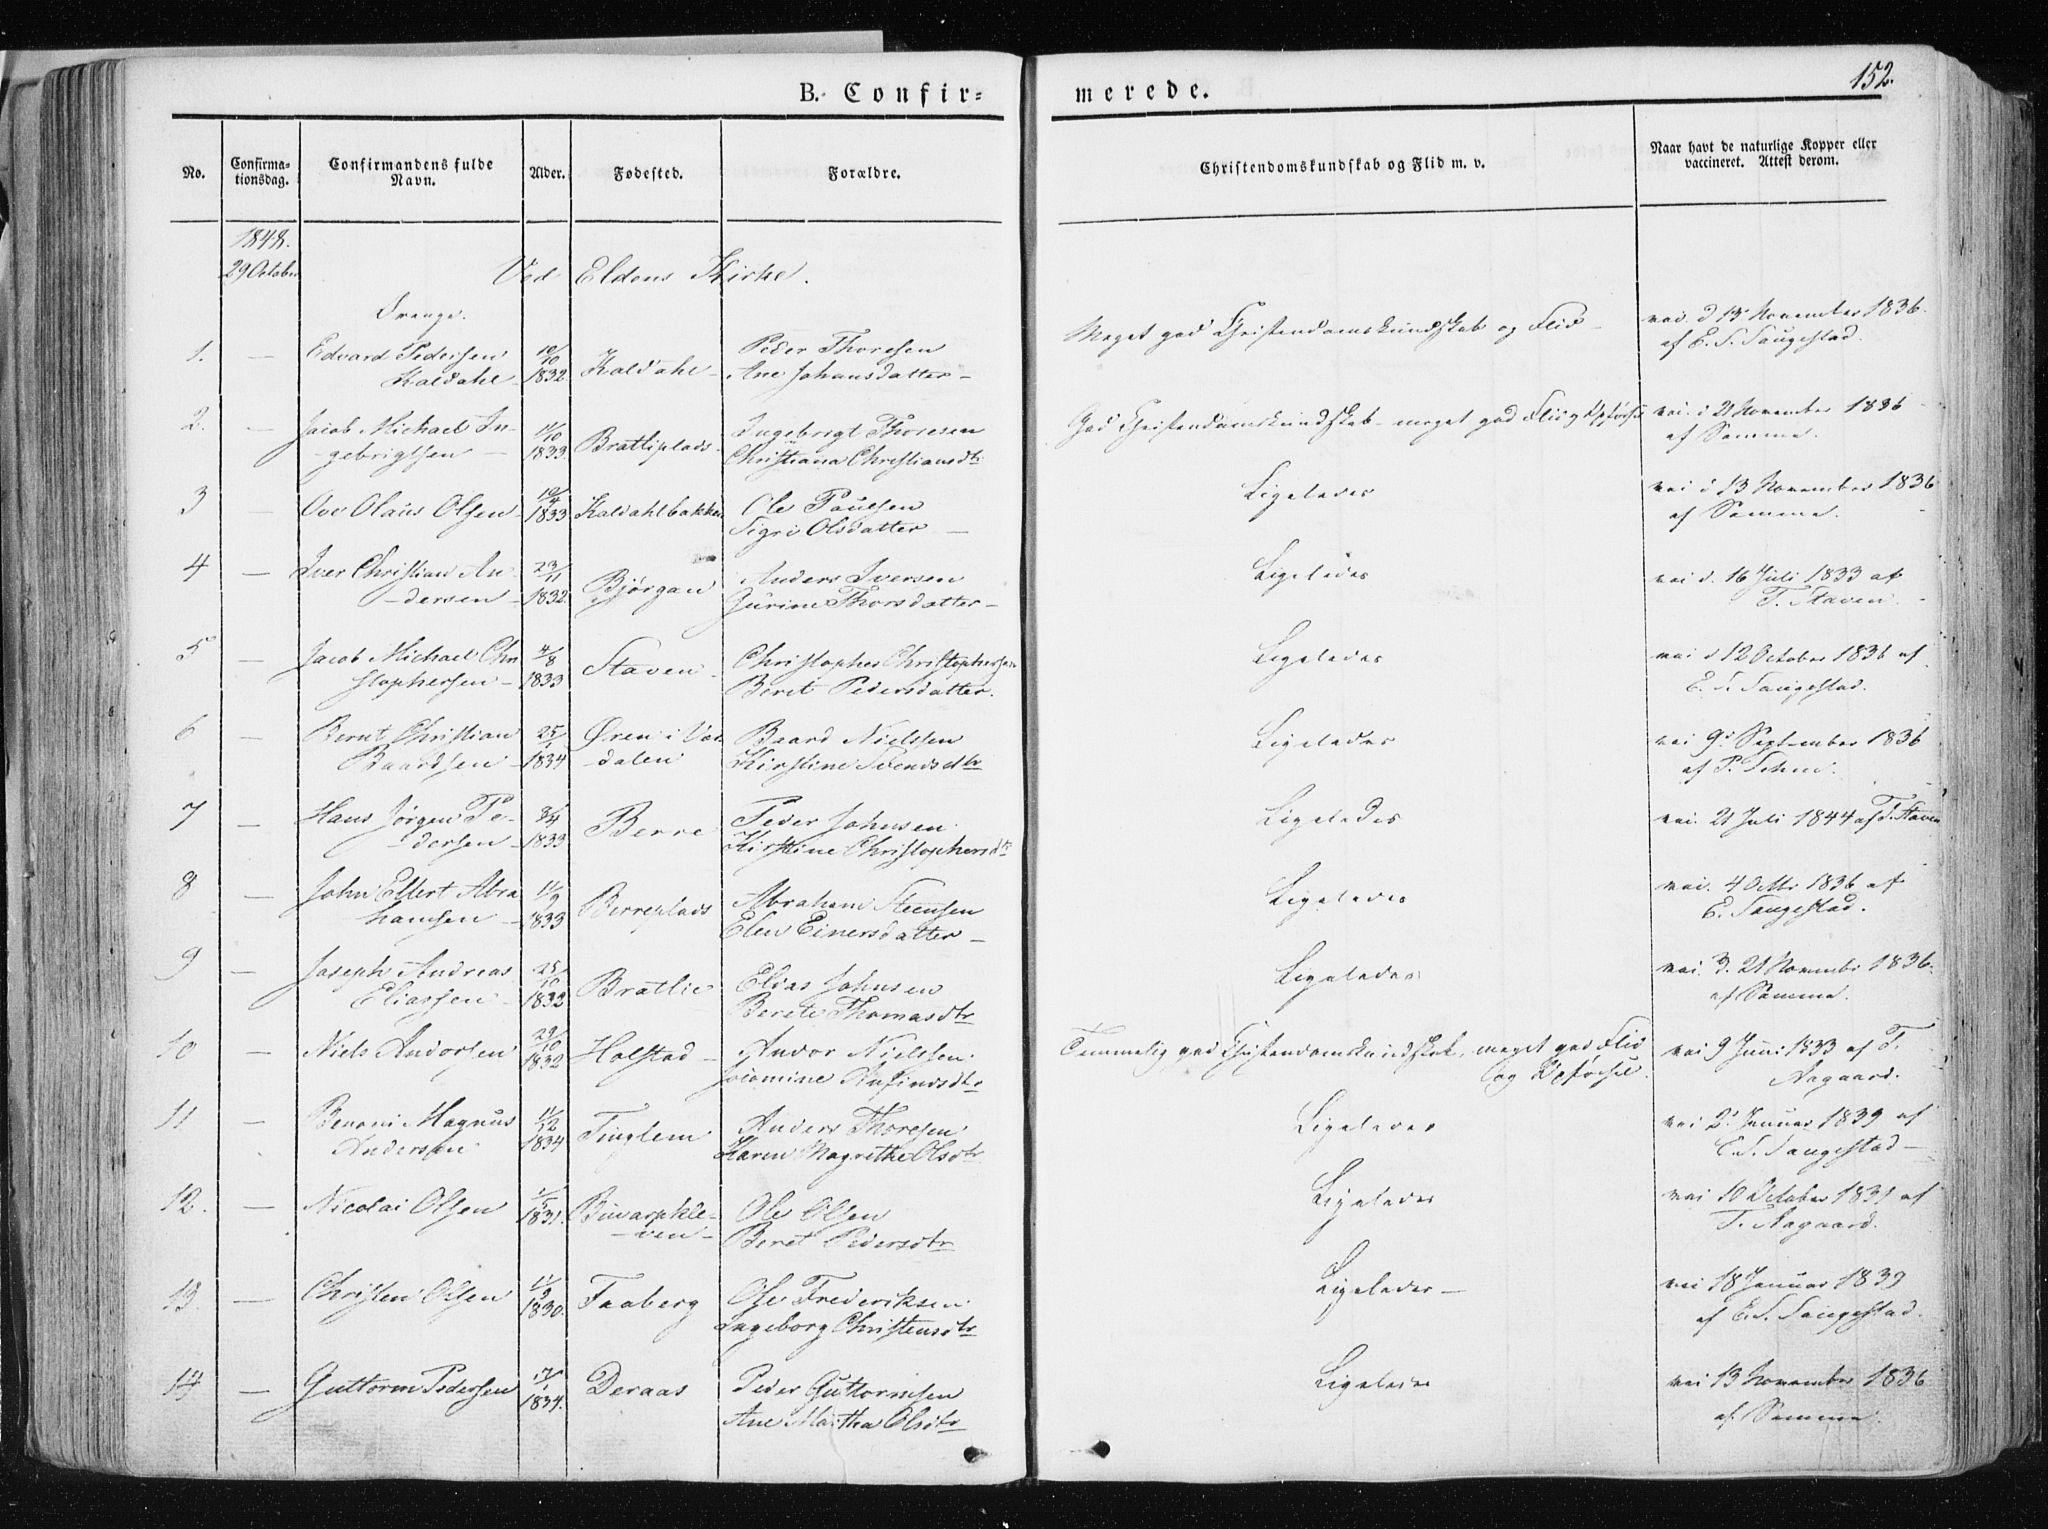 SAT, Ministerialprotokoller, klokkerbøker og fødselsregistre - Nord-Trøndelag, 741/L0393: Ministerialbok nr. 741A07, 1849-1863, s. 152